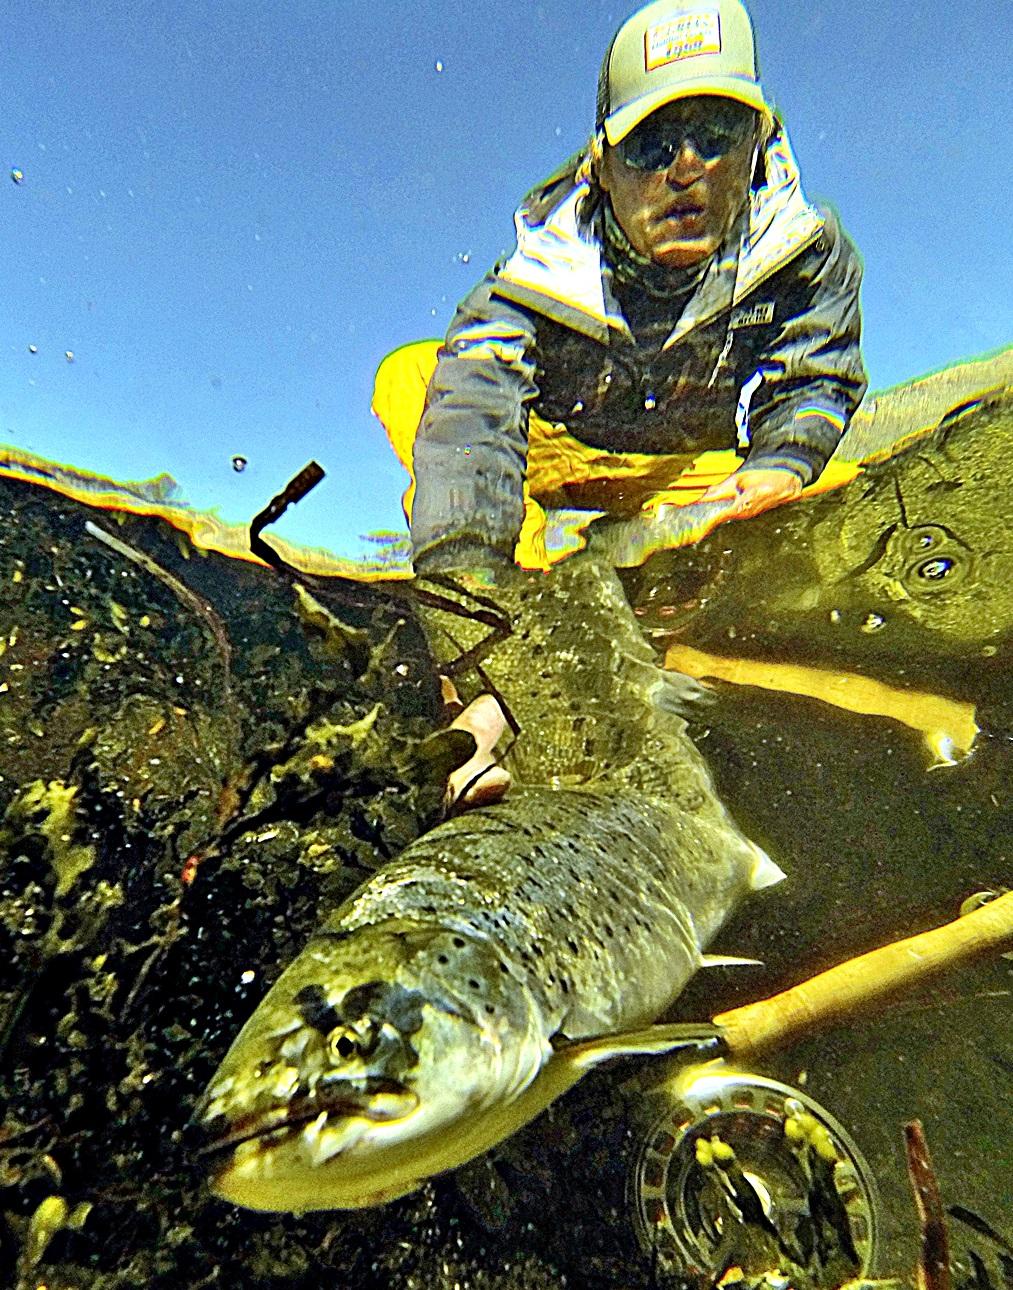 Sett tilbake all fisk du ikke trenger selv, uansett årstid